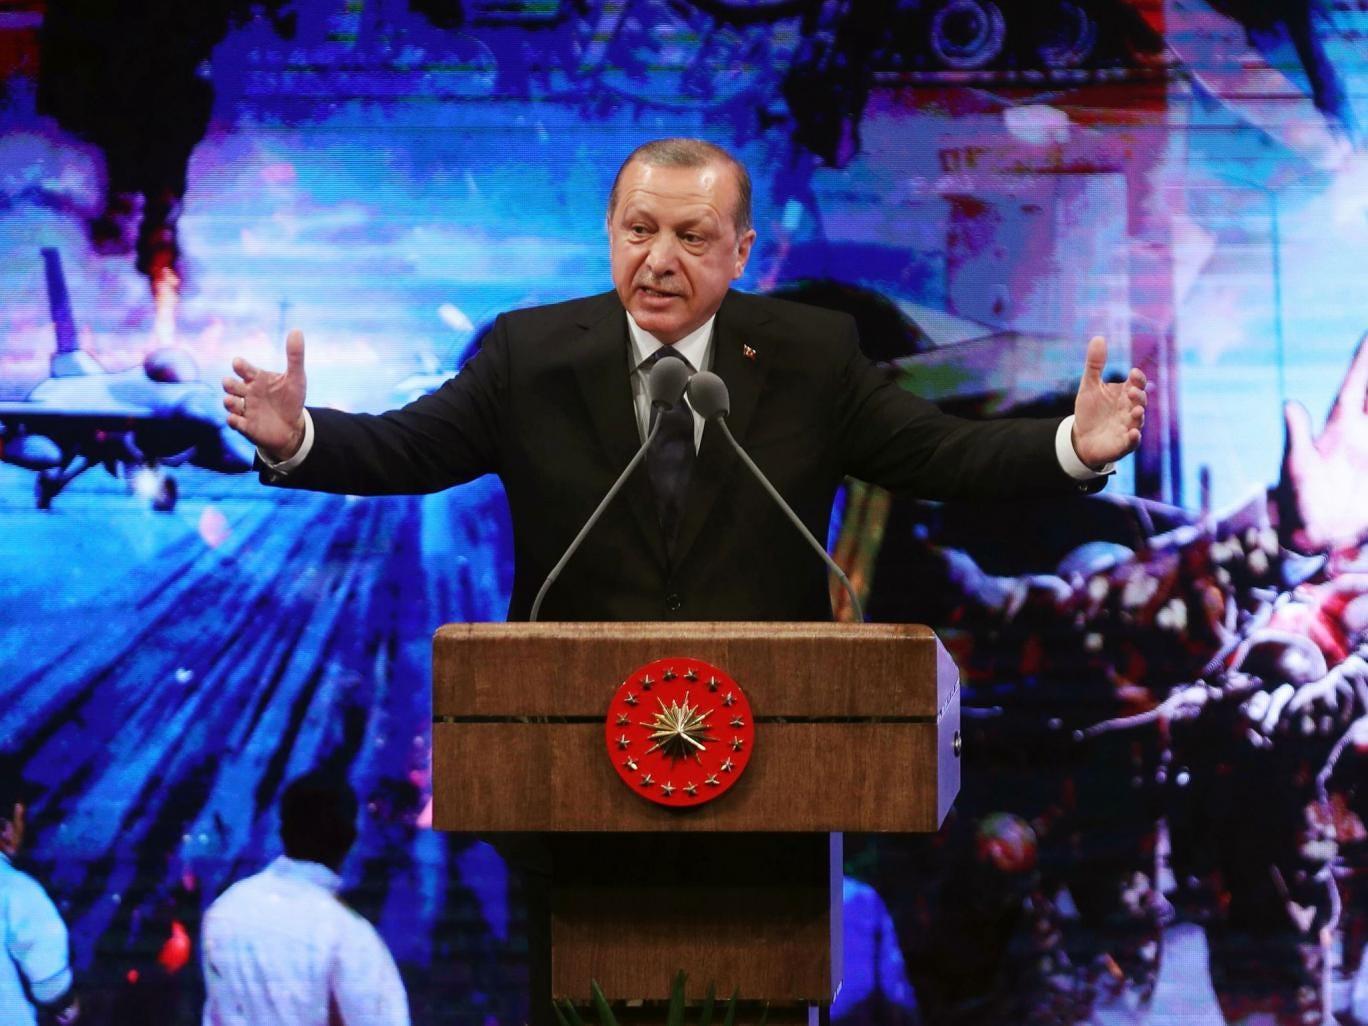 'Başarısız darbe girişiminden bir yıl sonra, Türkiye'de demokrasi tehlikede olmaya devam ediyor'